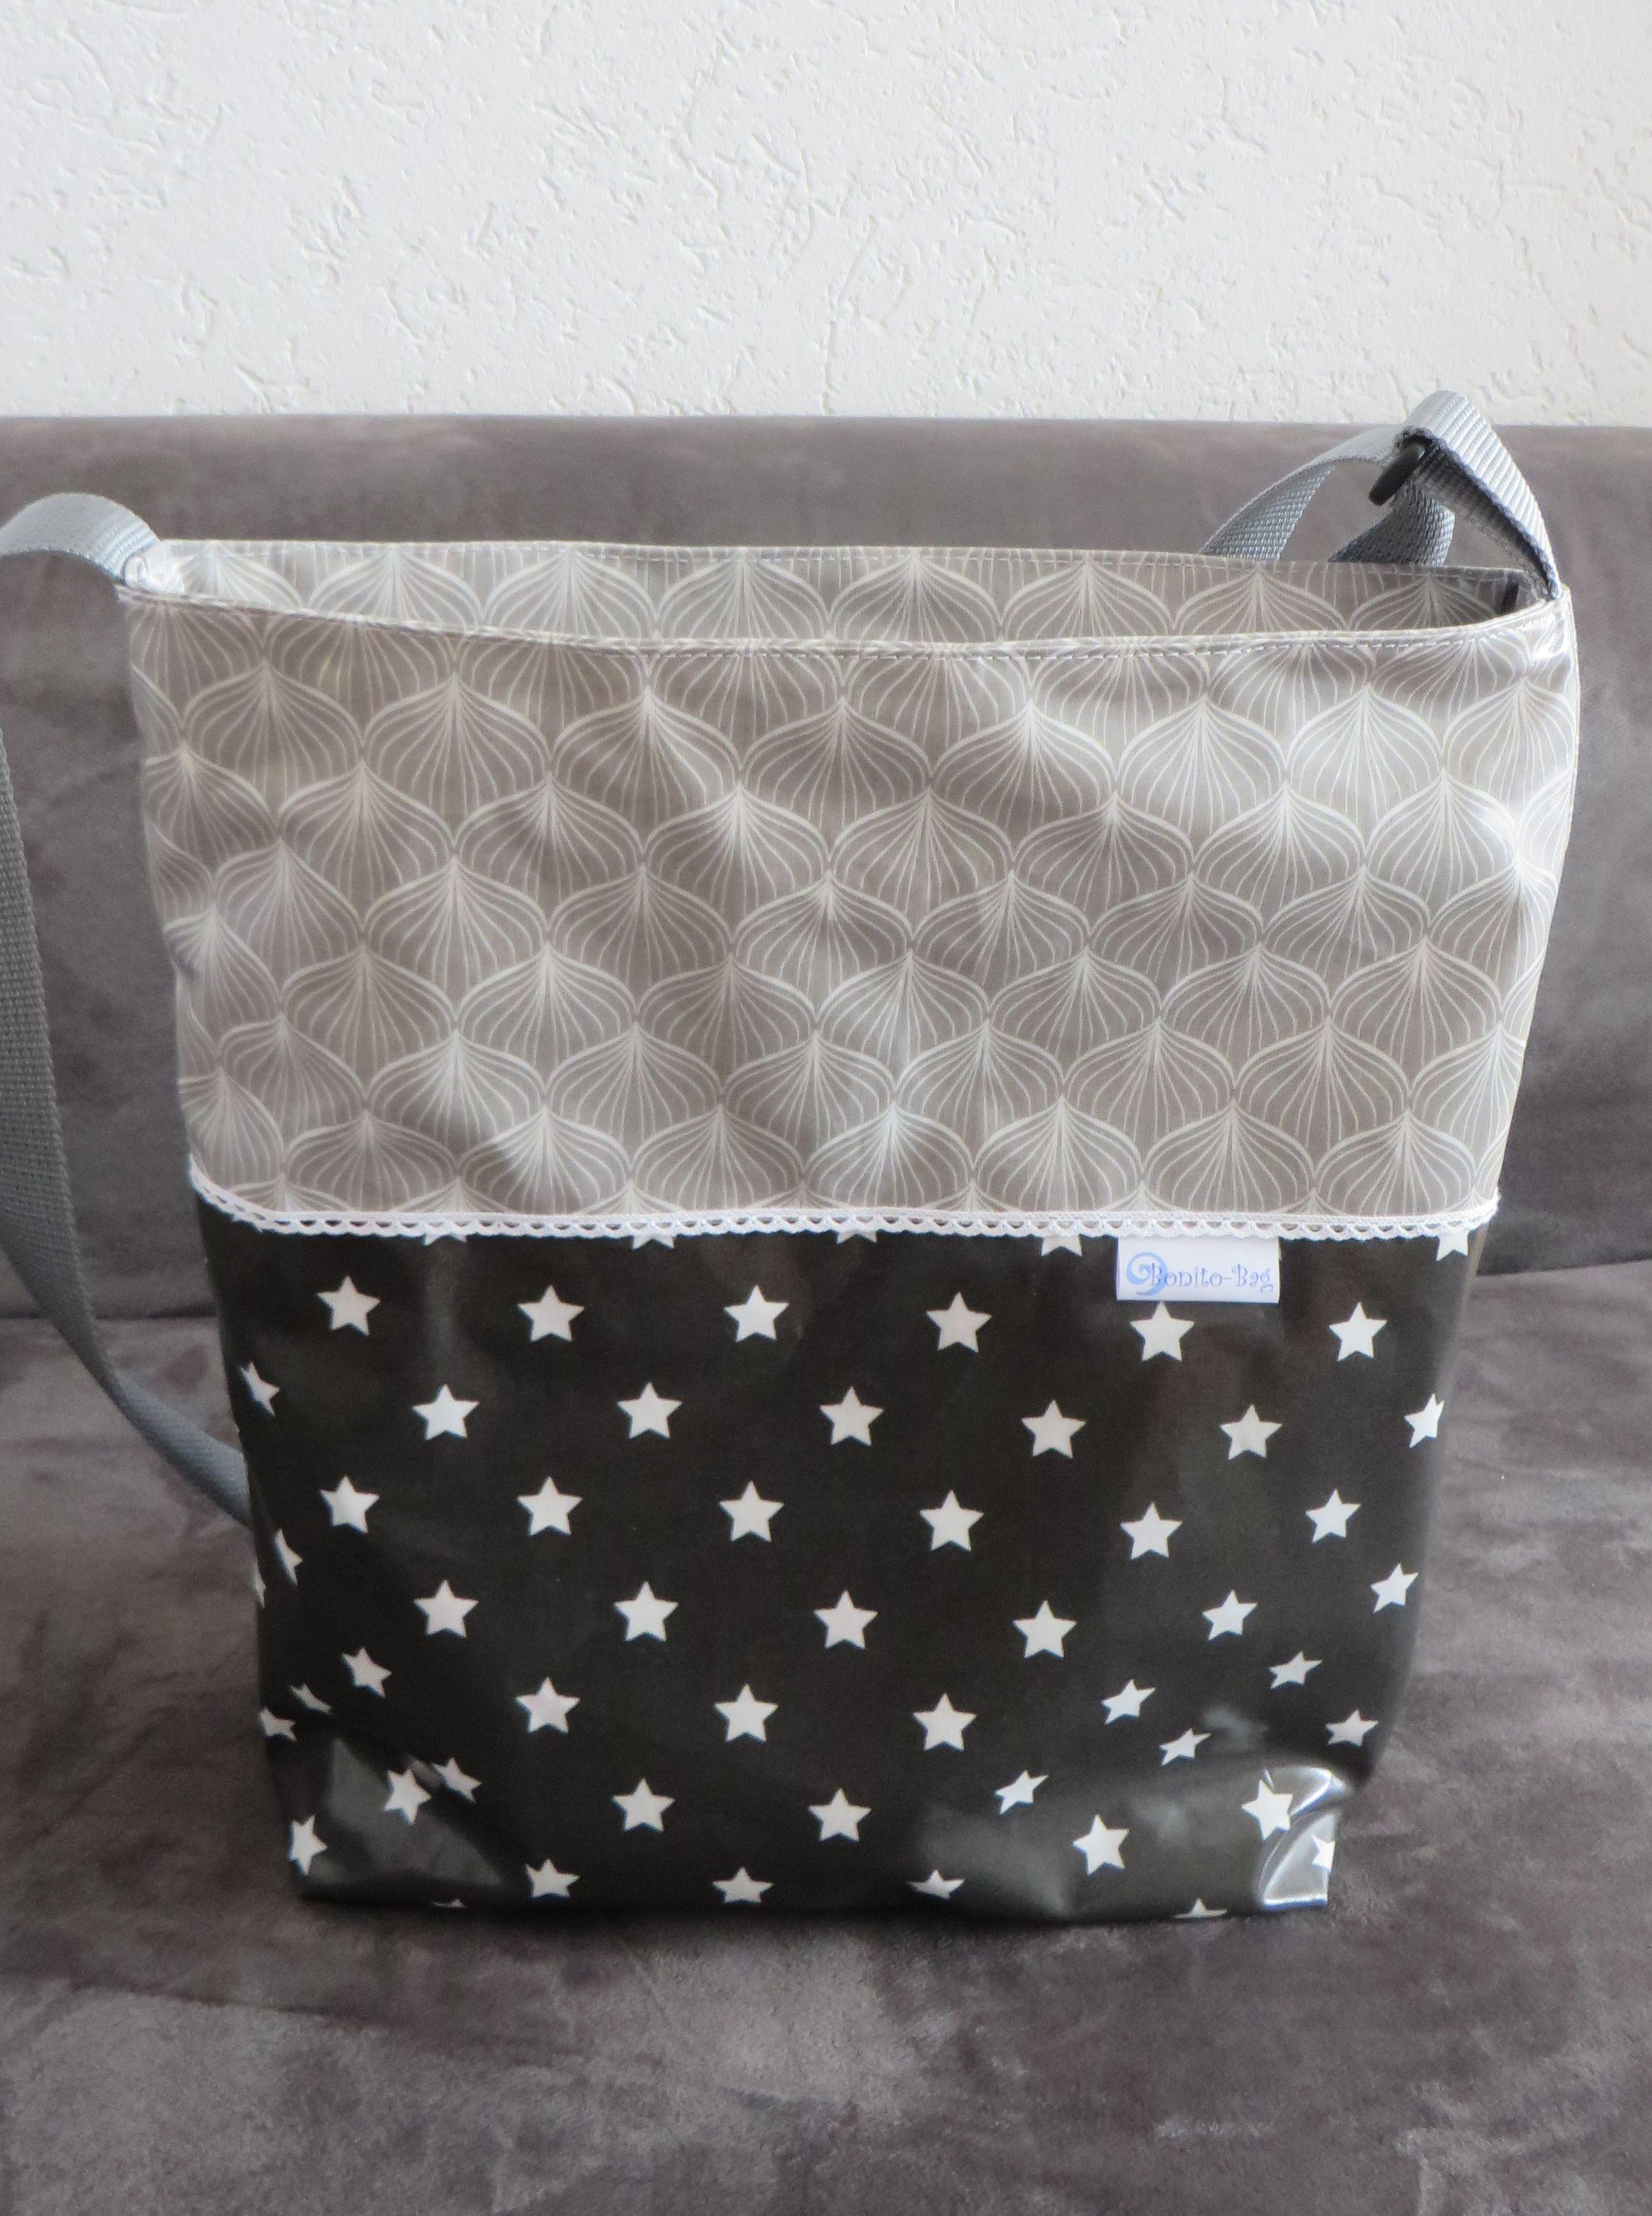 Shopper Tasche Aus Wachstuch Taschen Nahen Wachstuch Taschen